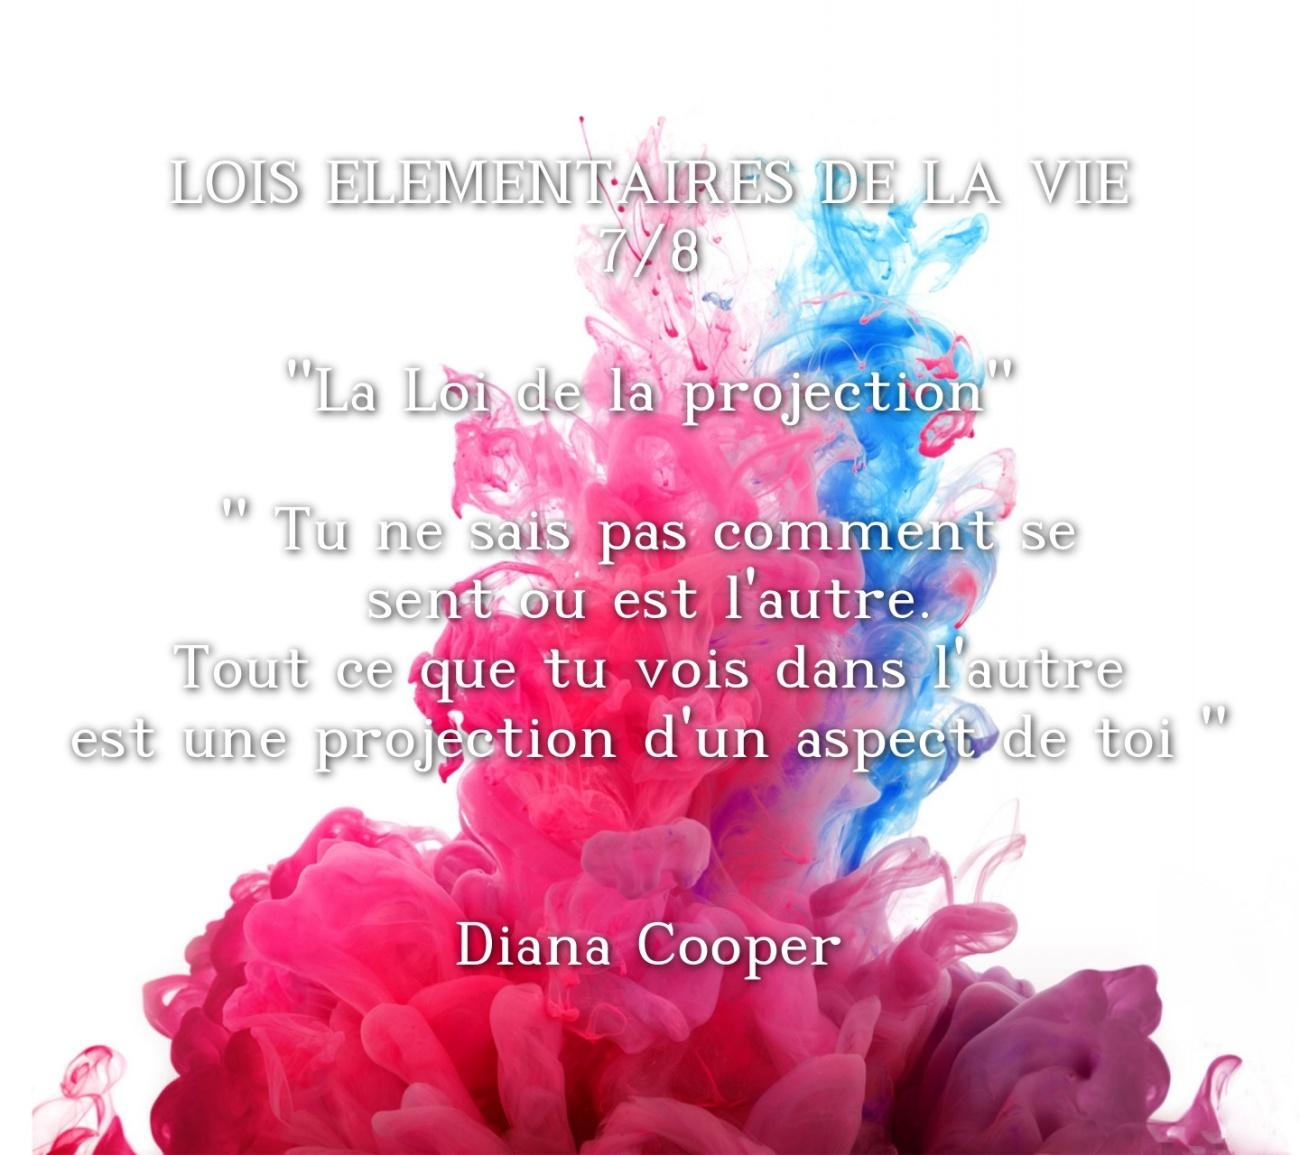 wp-LOIS-ELEMENTAIRES-DE-LA-VIE-7-8-La-Loi-d_1537185799